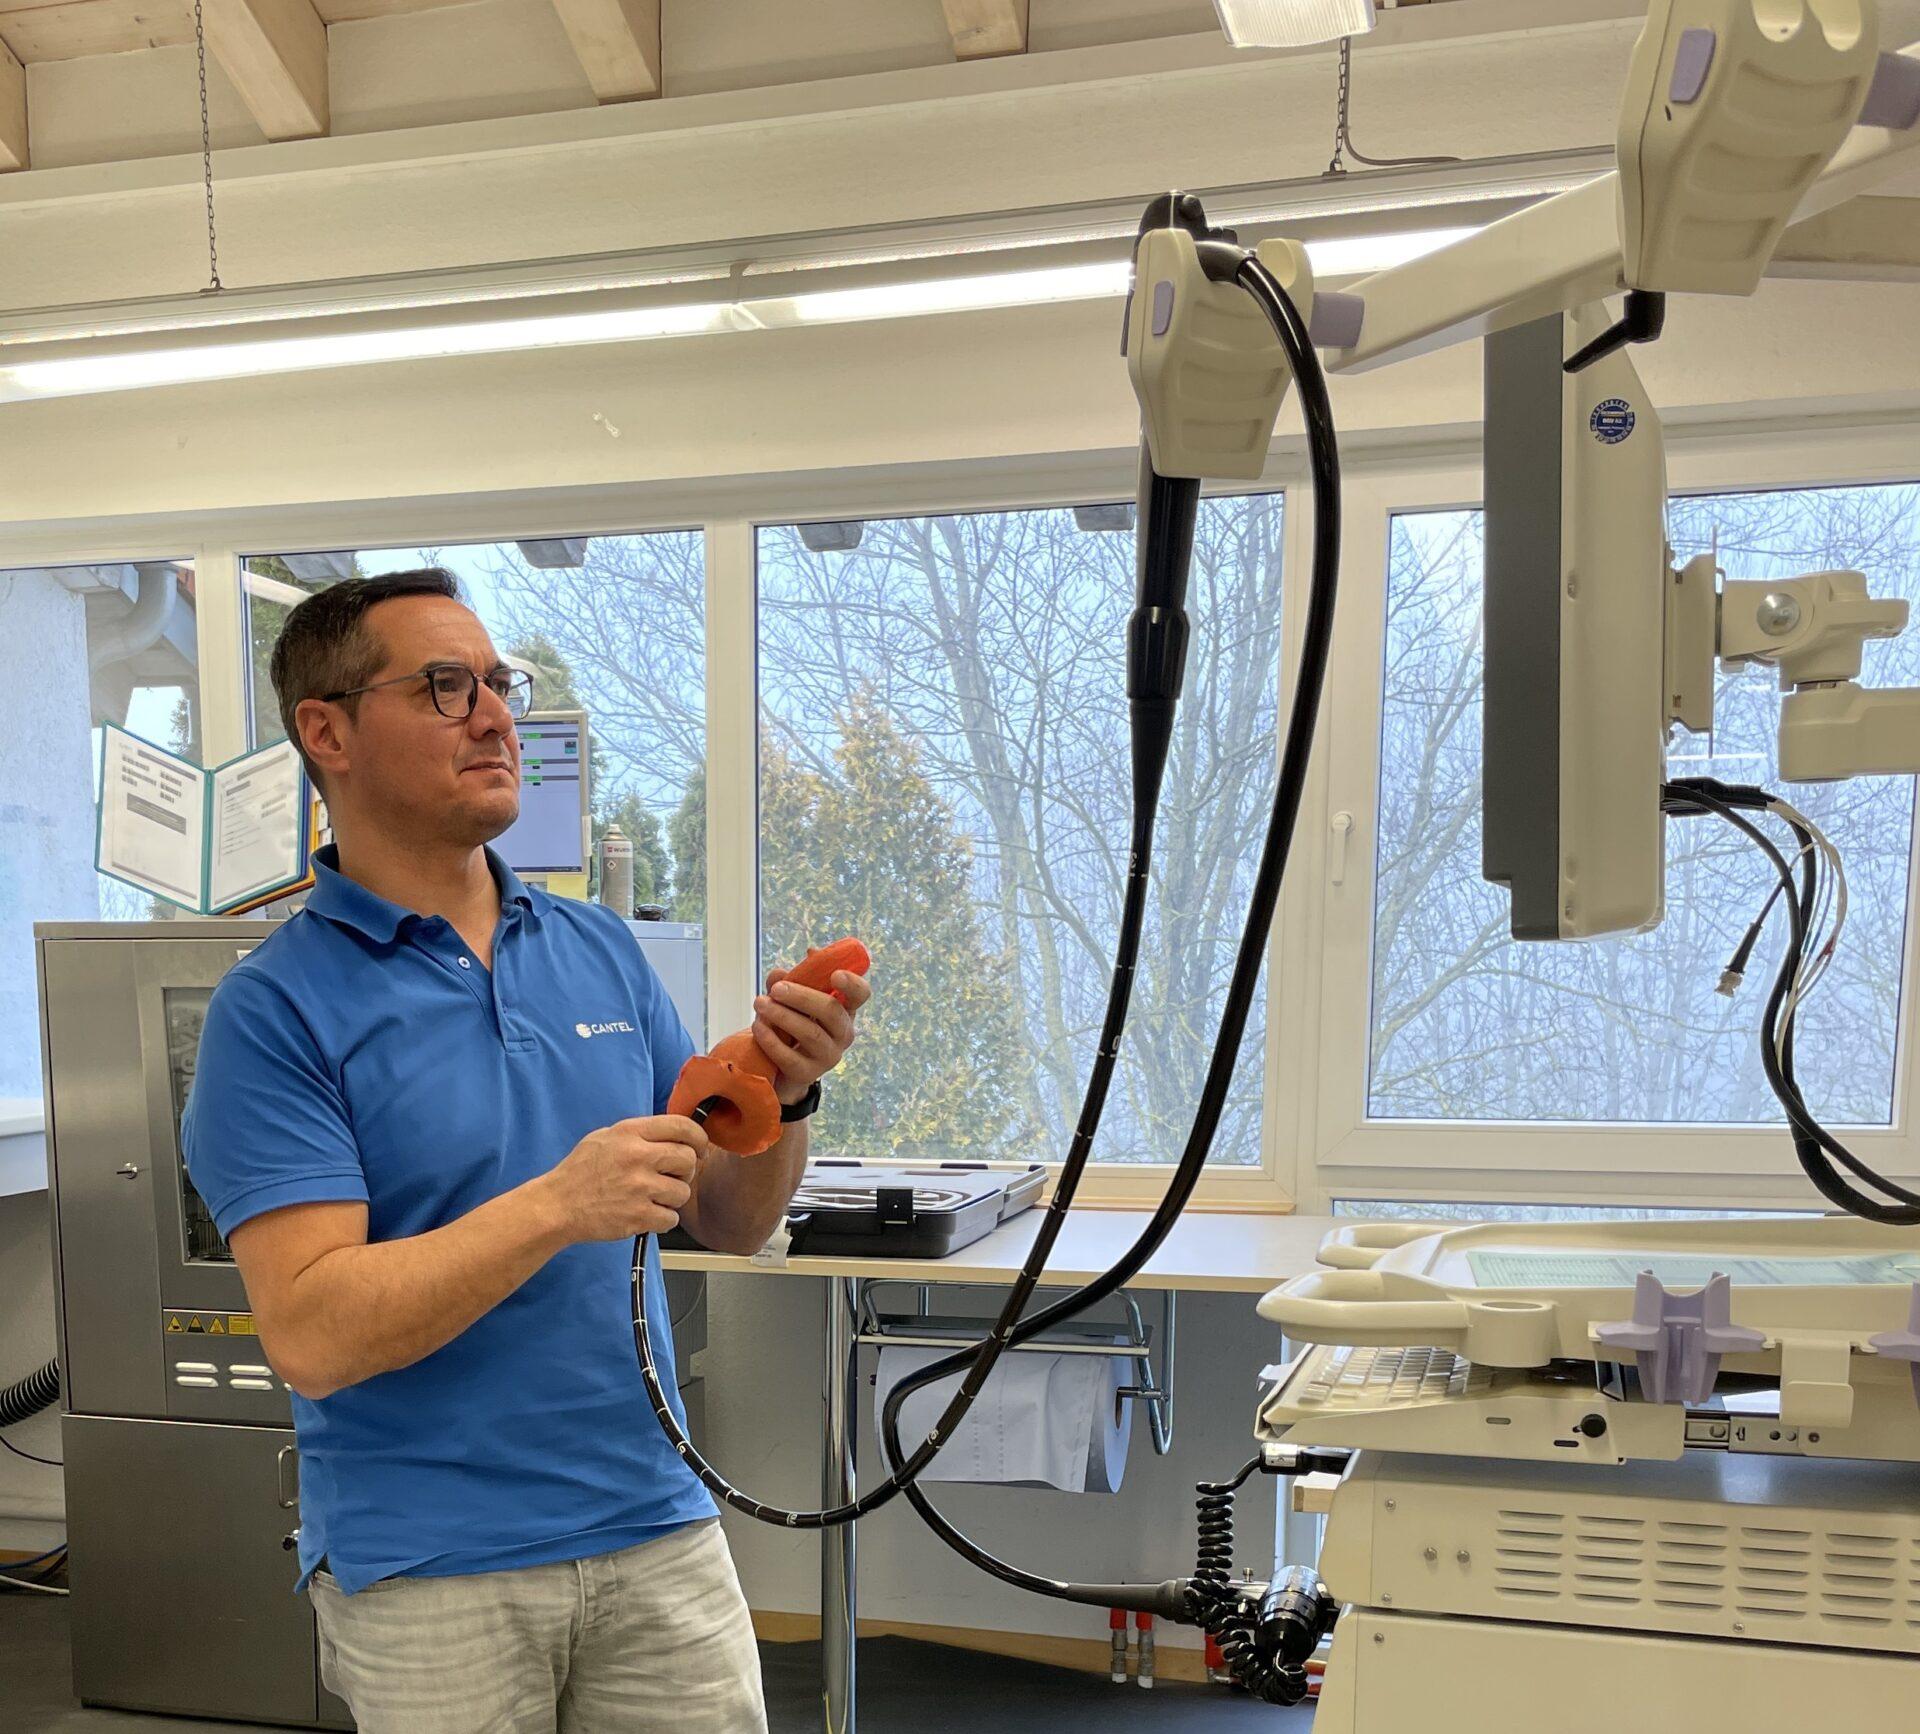 Hochwertiger Reparaturservice für Endoskope